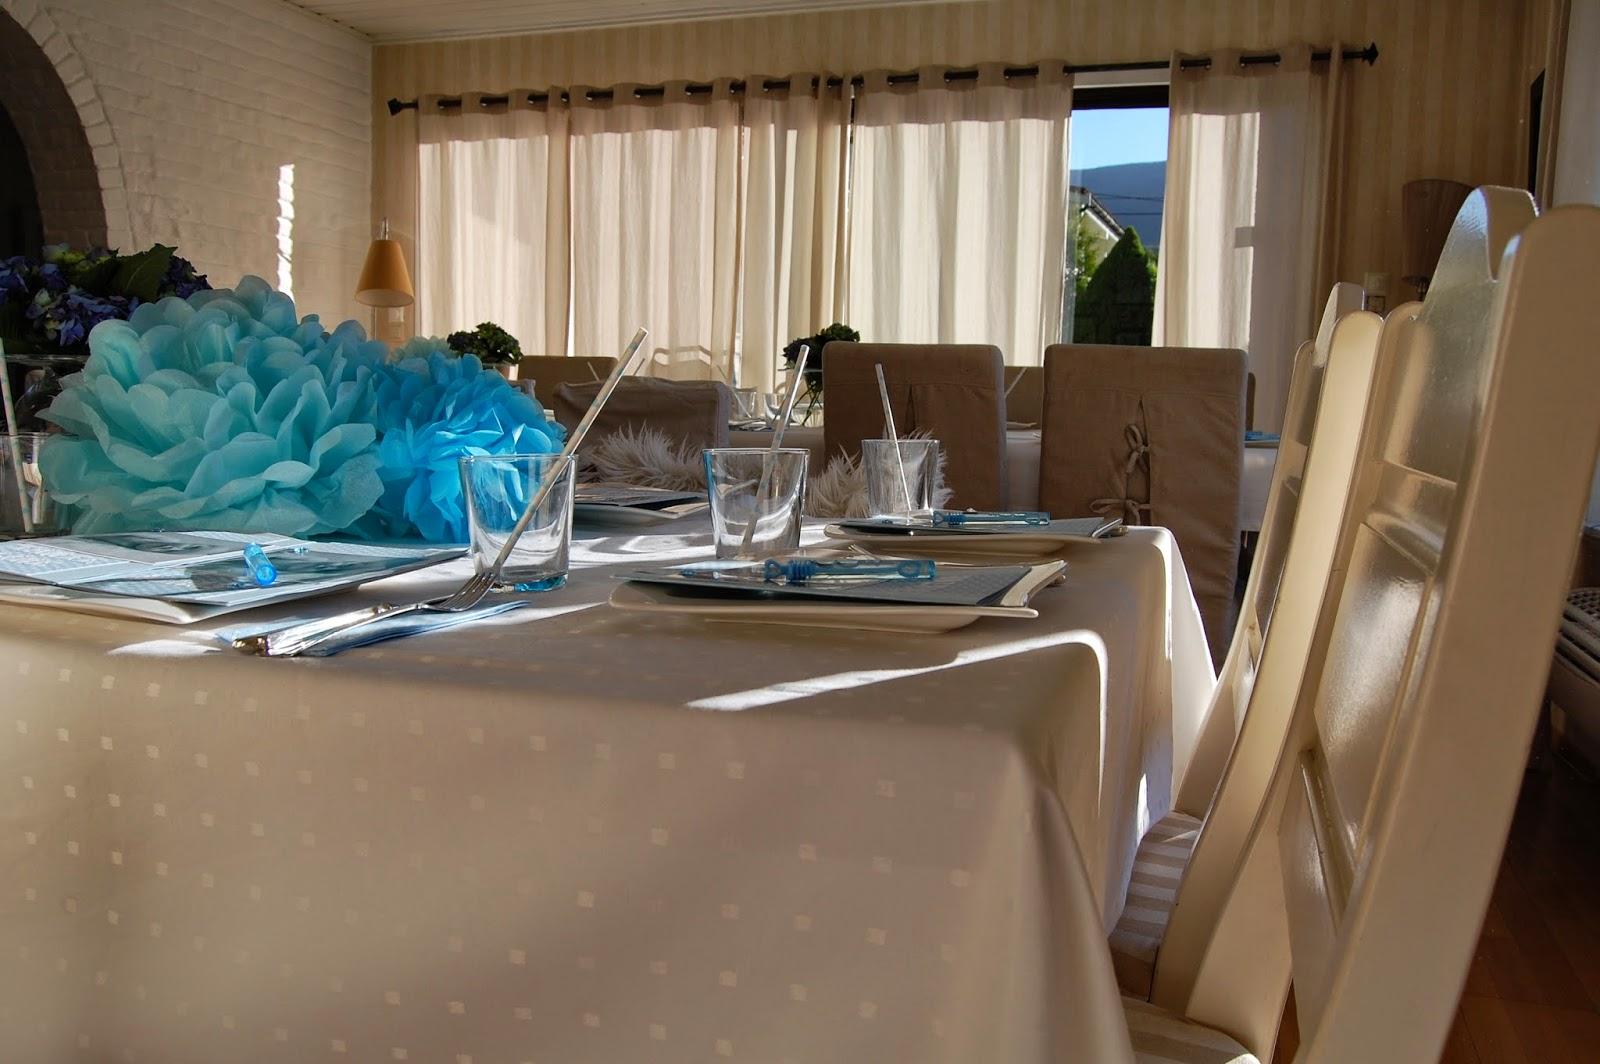 4eab5258 Alle fikk personlige bordkort. Bilde av Lykkeliten i svart hvitt preget  forsiden (Er her sladdet for anledningen). Inni var en liten lomme hvor vi  hadde ...